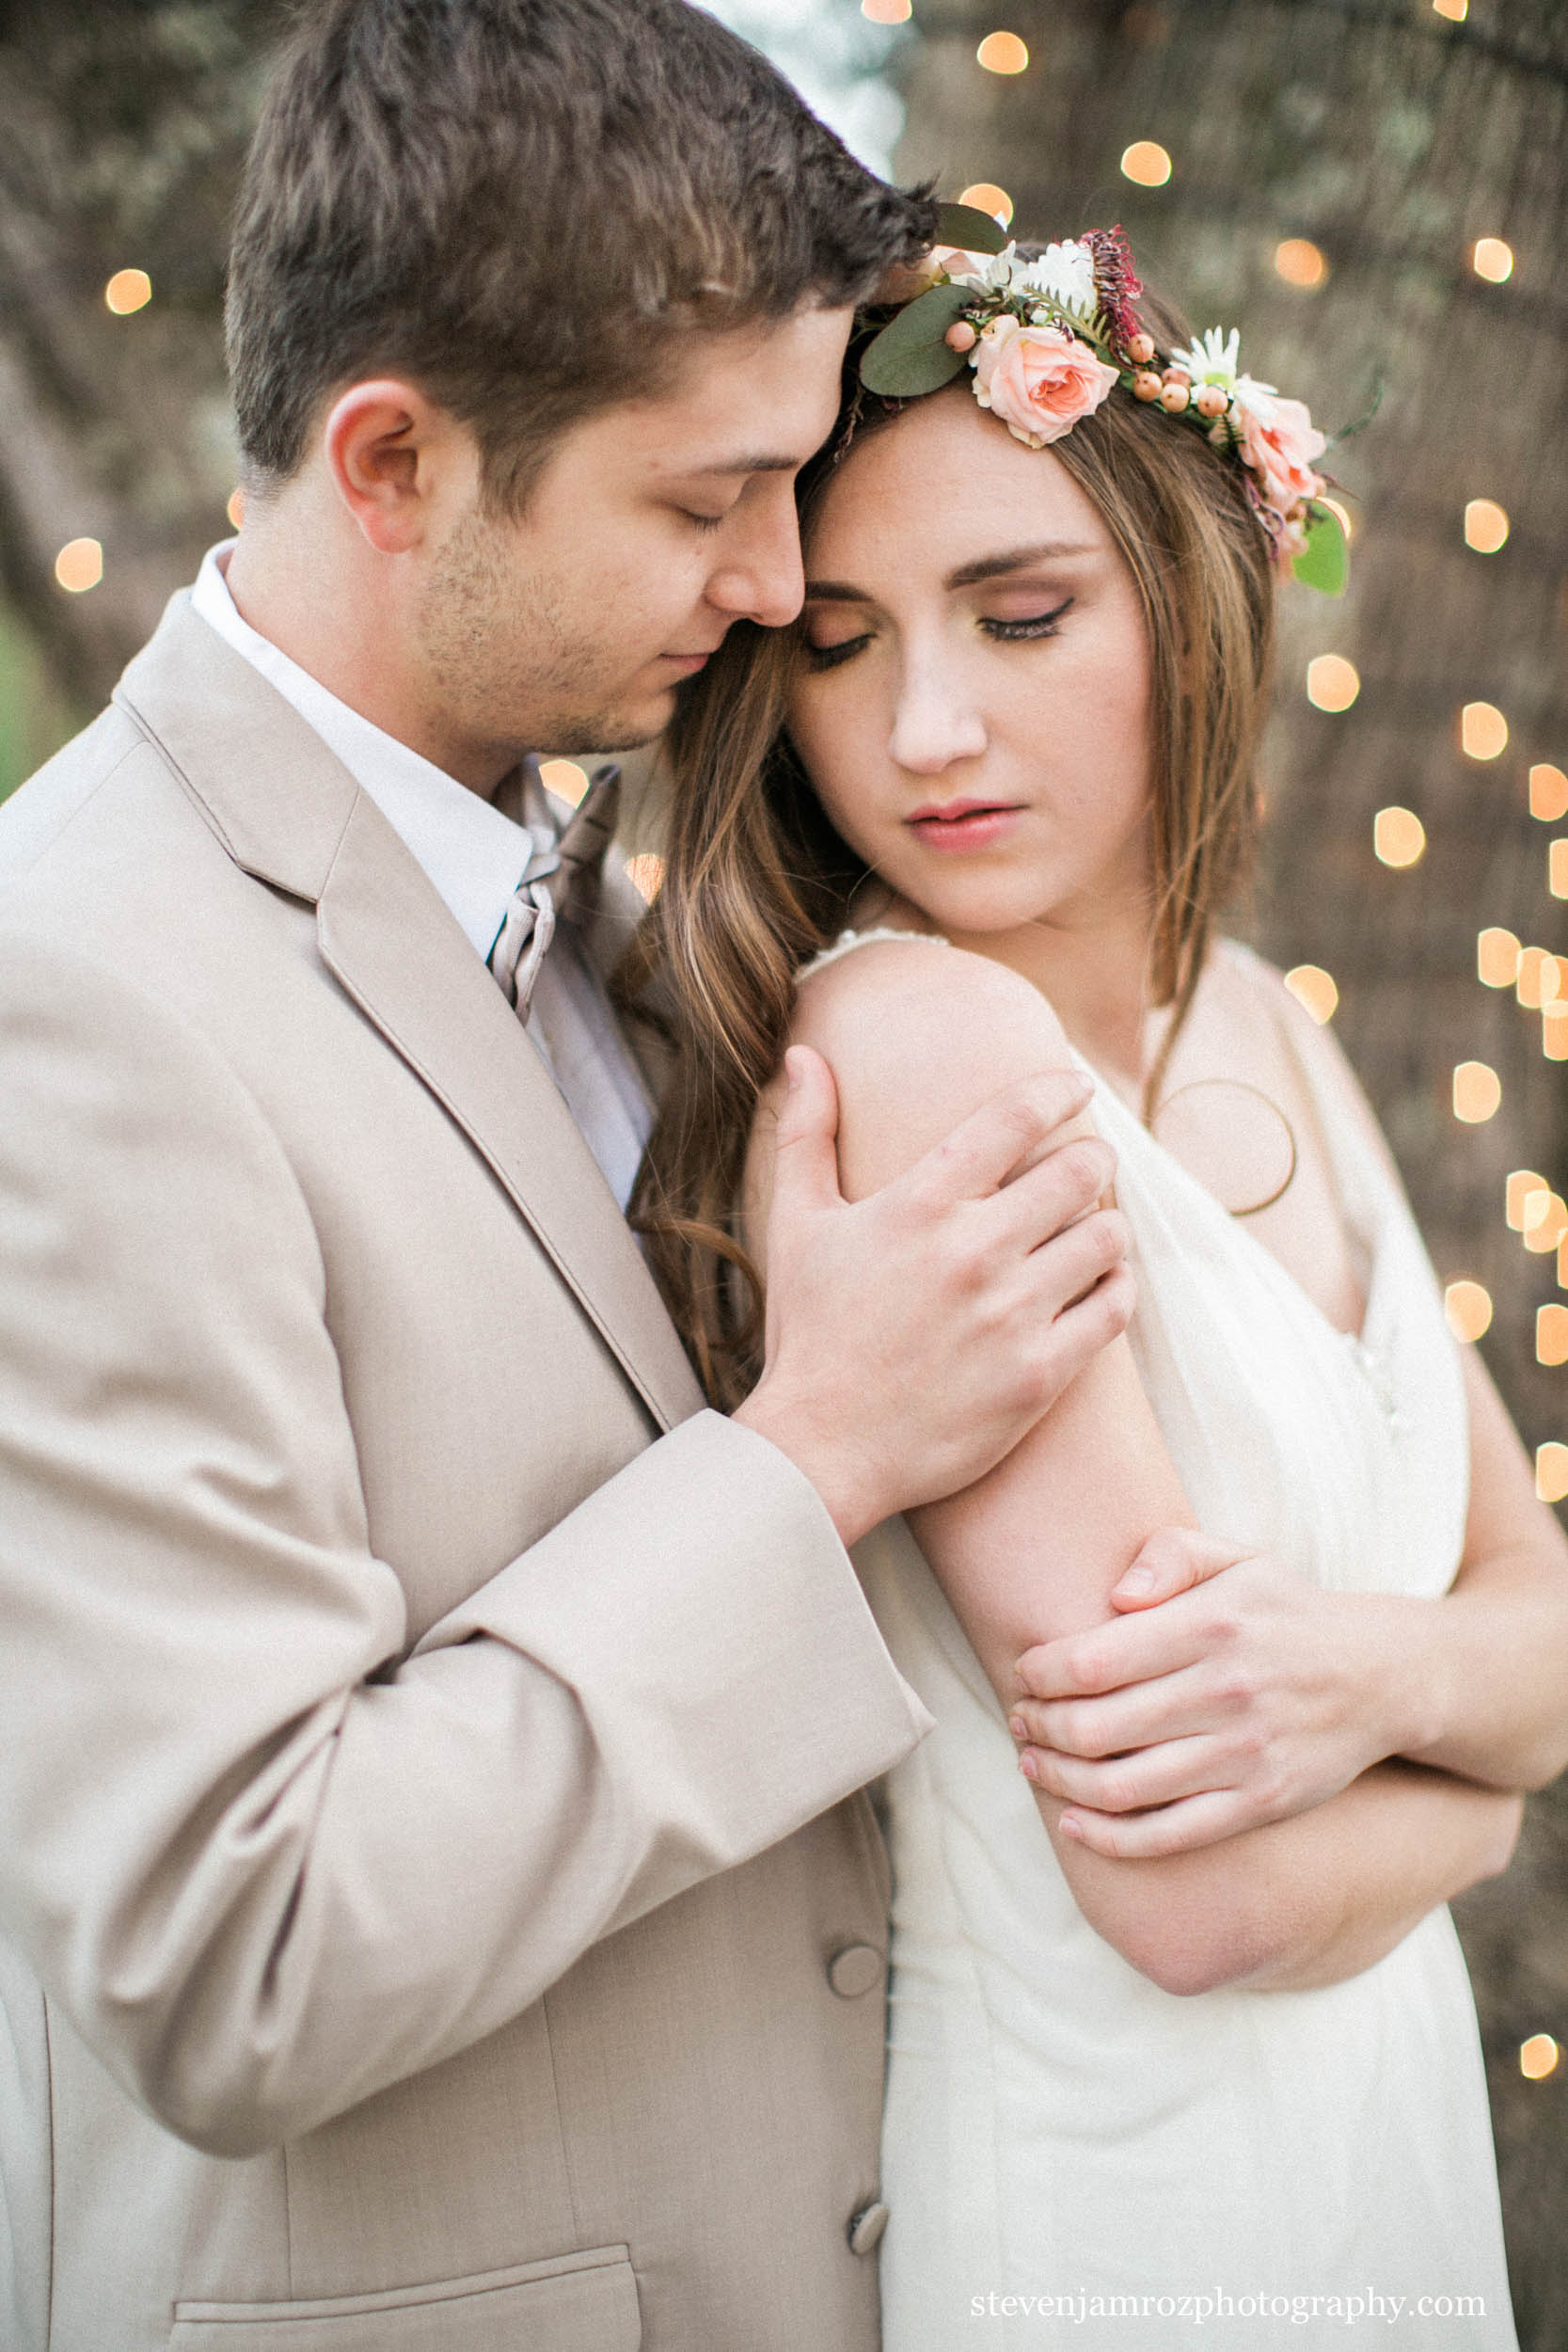 rustic-wedding-venue-outdoor-styled-shoot-raleigh.jpg